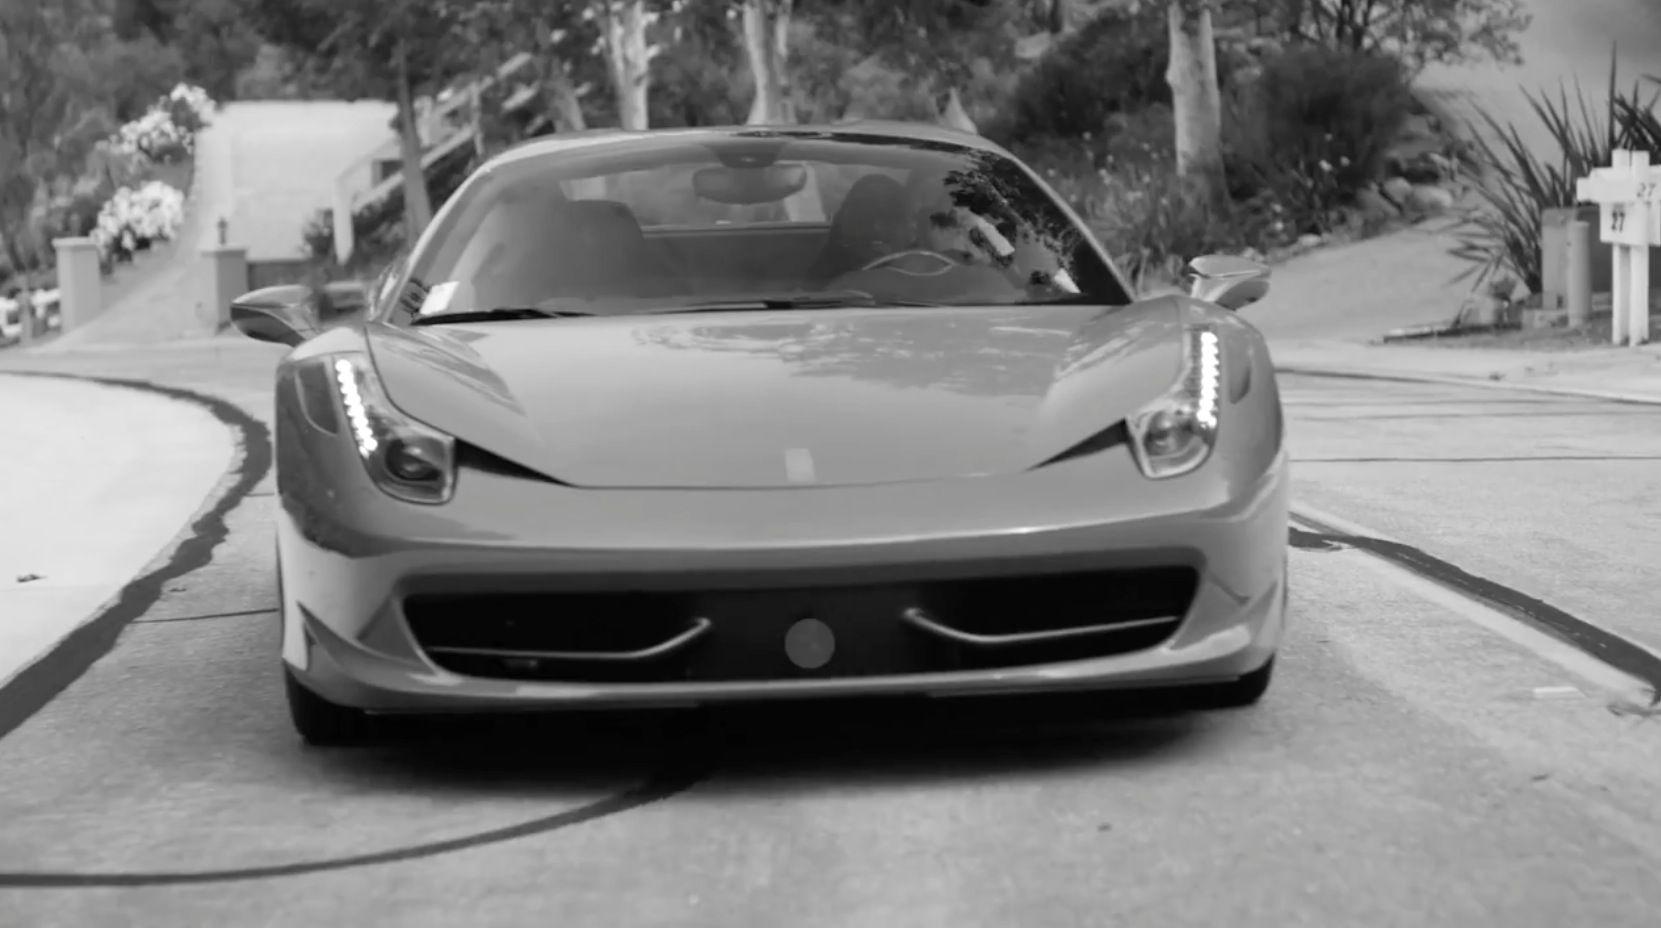 Ferrari 458 italia car in smartphones by trey songz 2014 ferrari 458 italia car in smartphones by trey songz 2014 ferrari vanachro Images